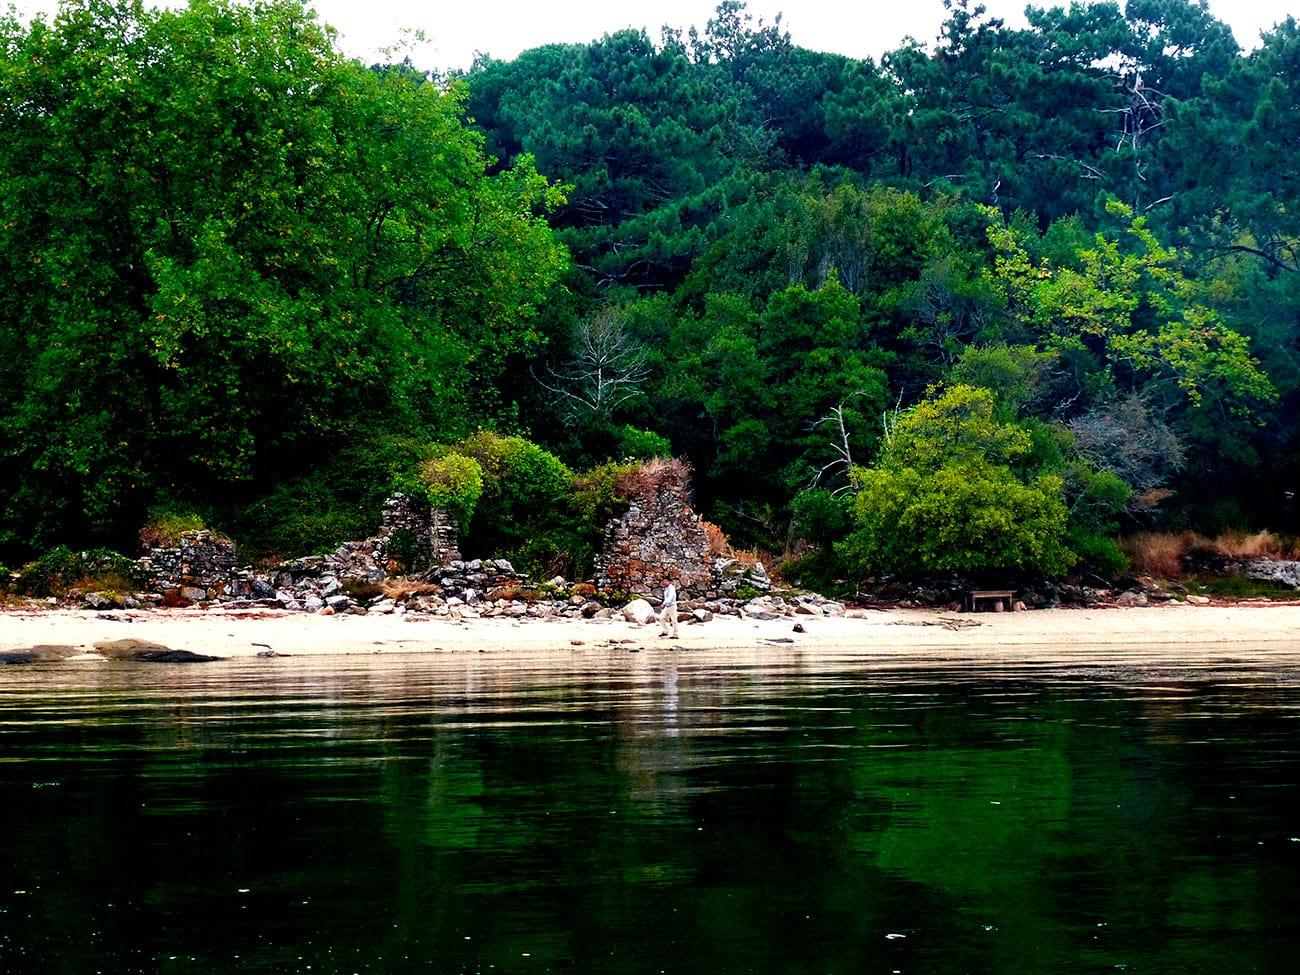 El archipiélago de Cortegada. Presentación